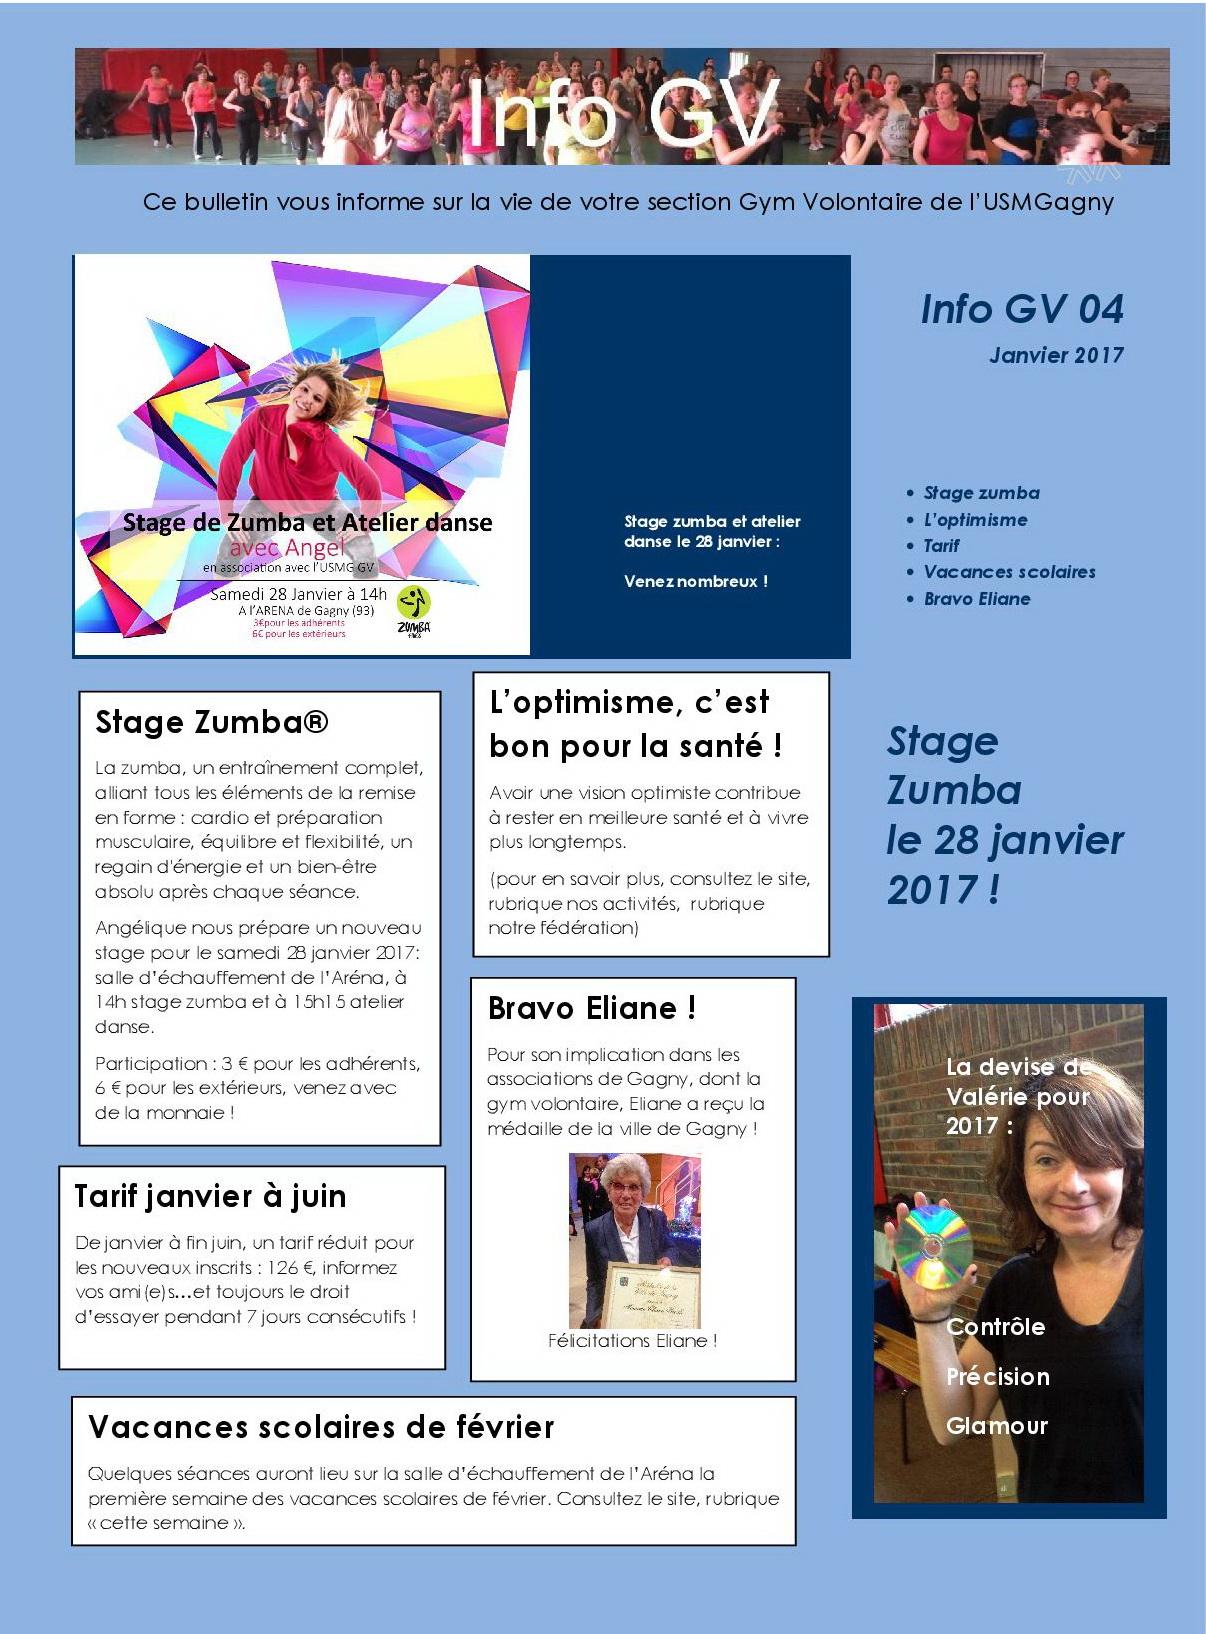 Info gv 04